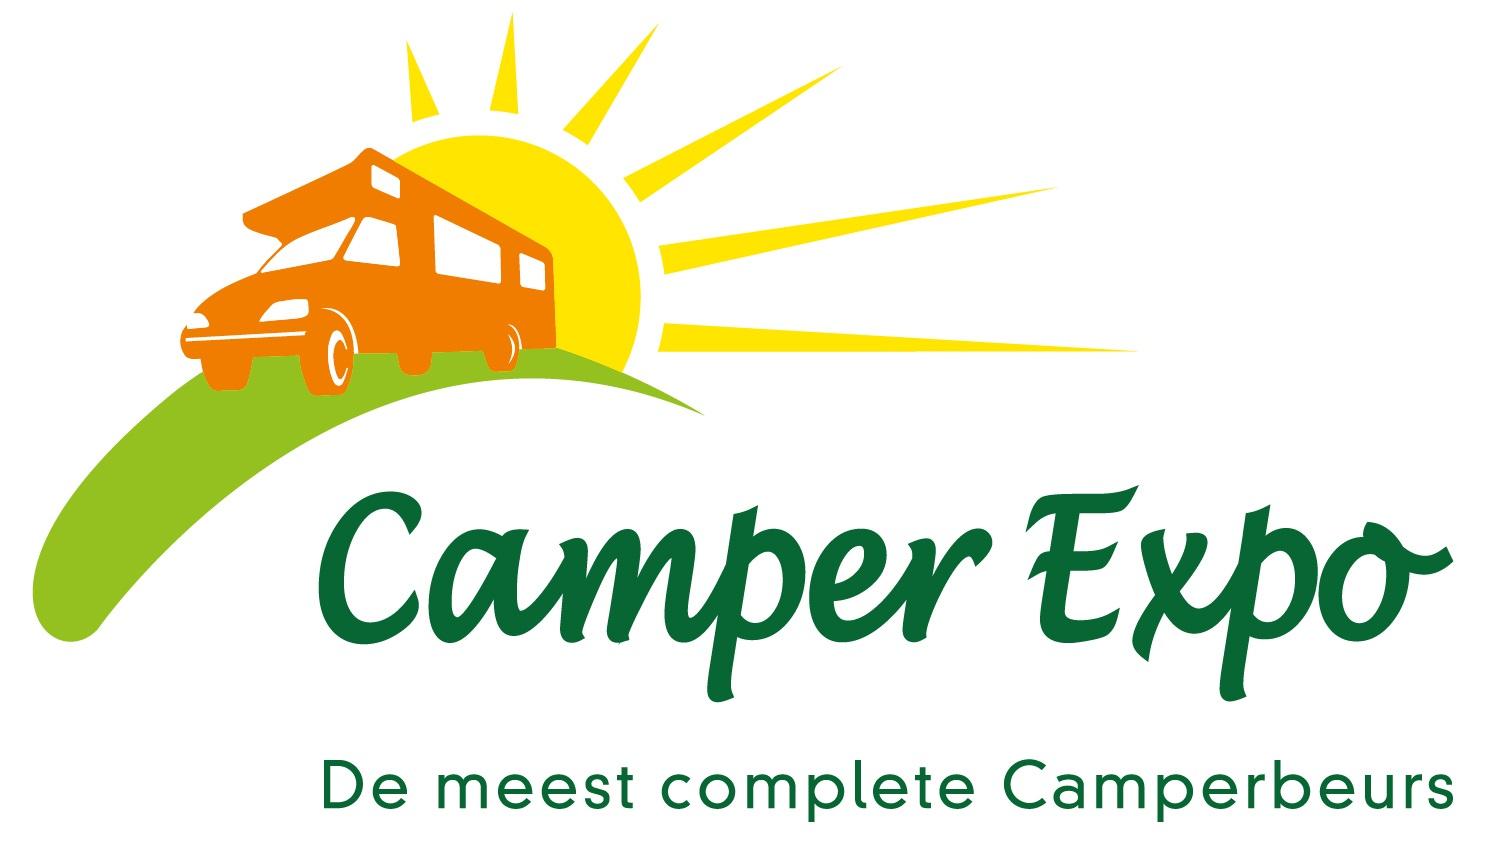 Logo CamperExpo org. 2